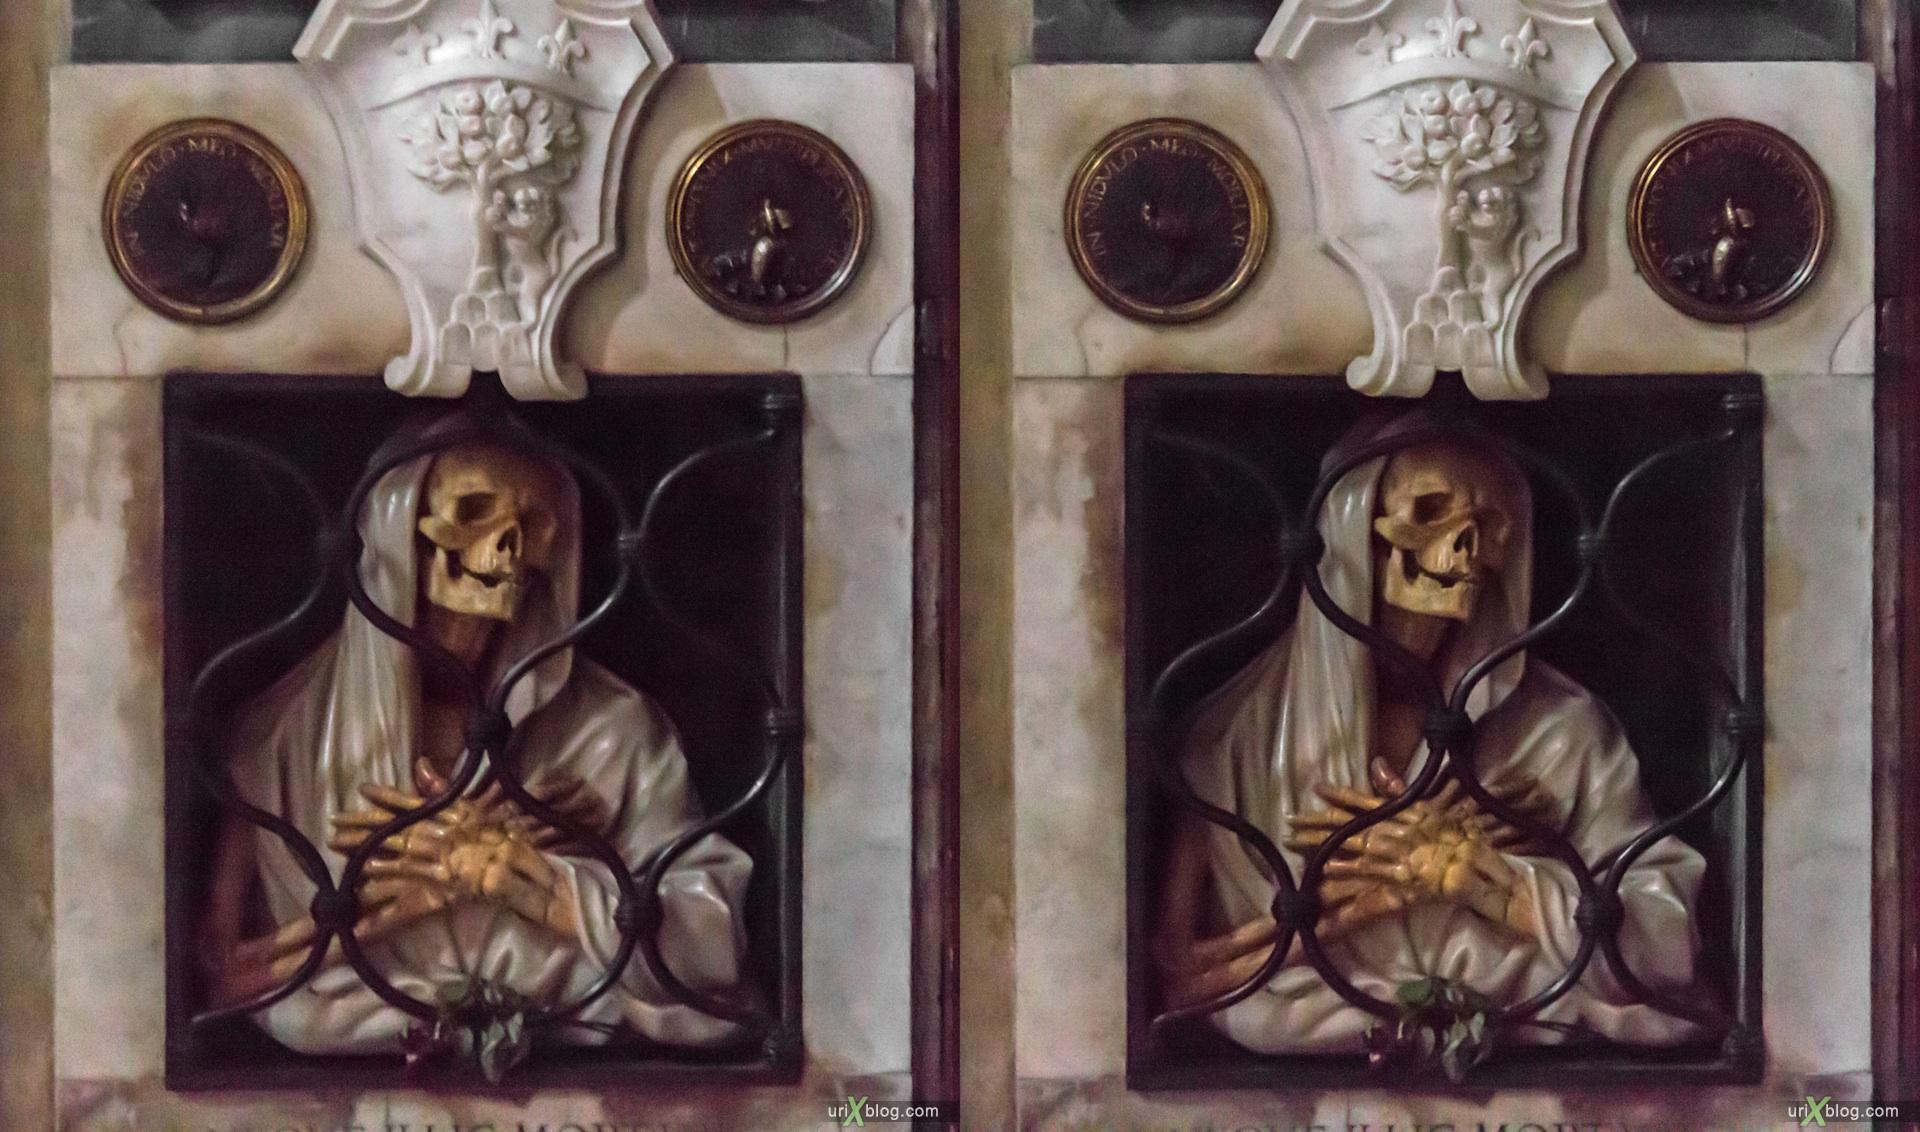 2012, церковь Санта Мария дель Пополо, собор, христианство, католичество, Рим, Италия, осень, 3D, перекрёстные стереопары, стерео, стереопара, стереопары